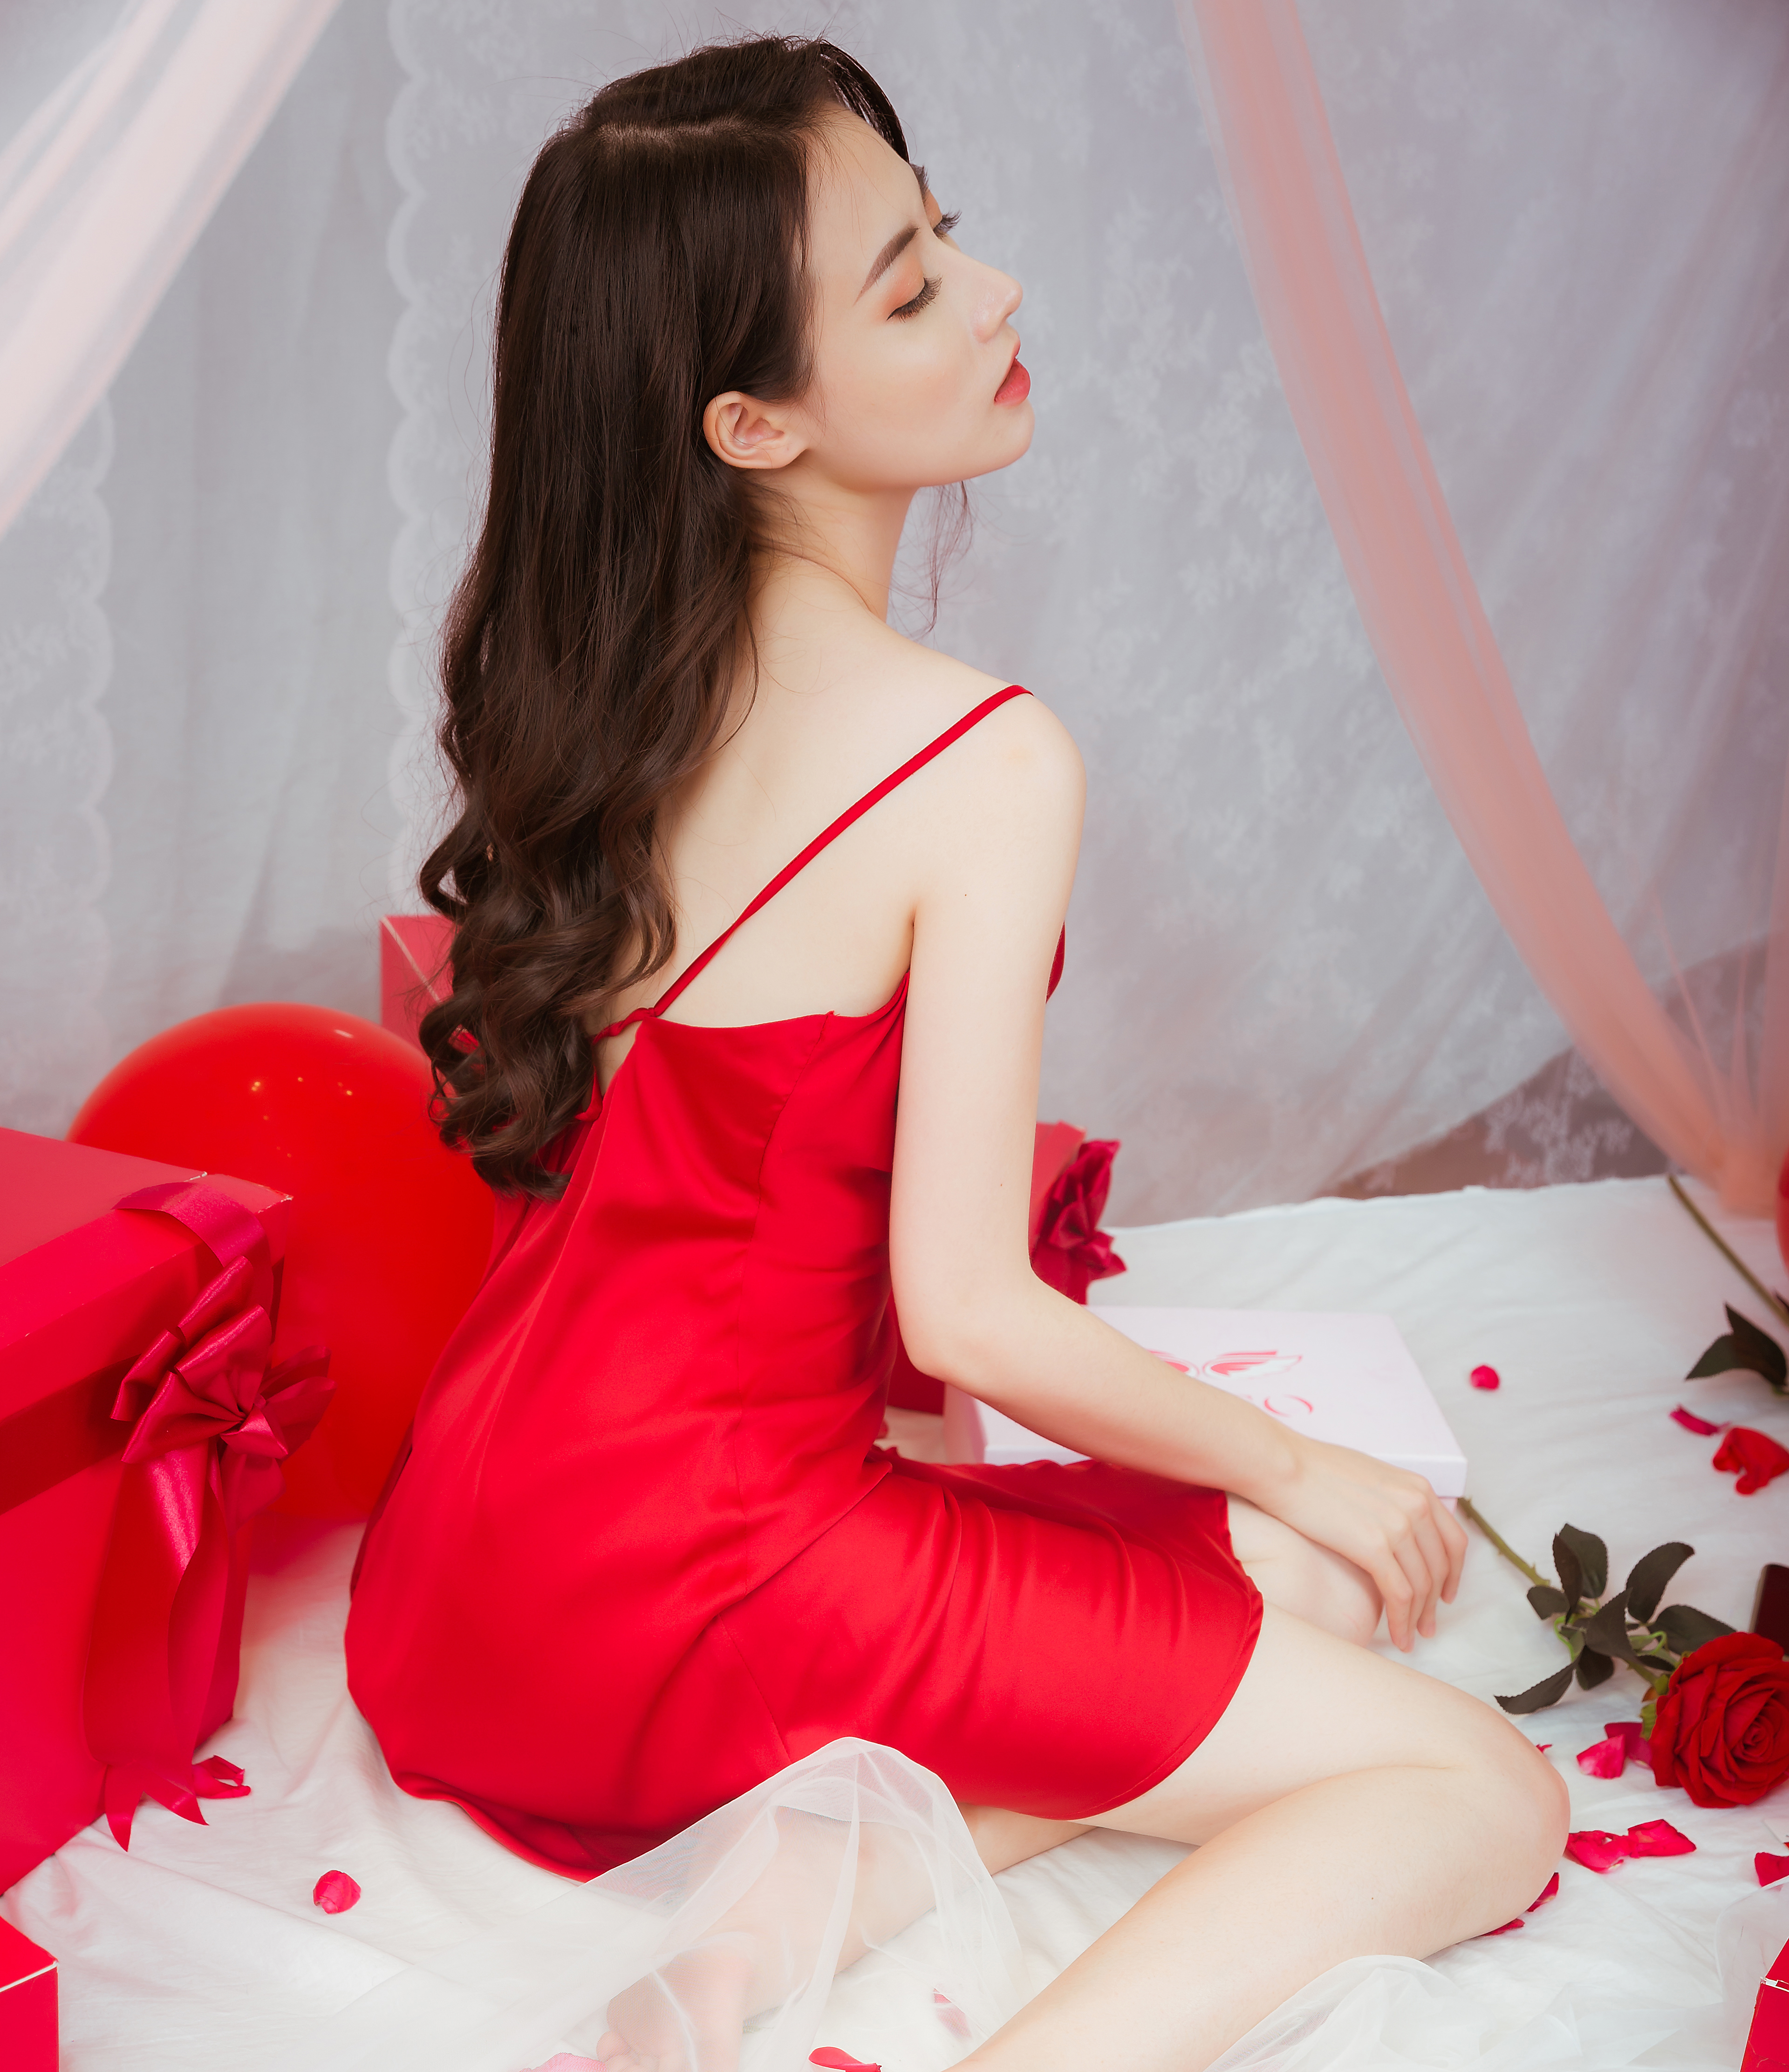 Quyến rũ ngọt ngào với đồ ngủ lụa màu đỏ